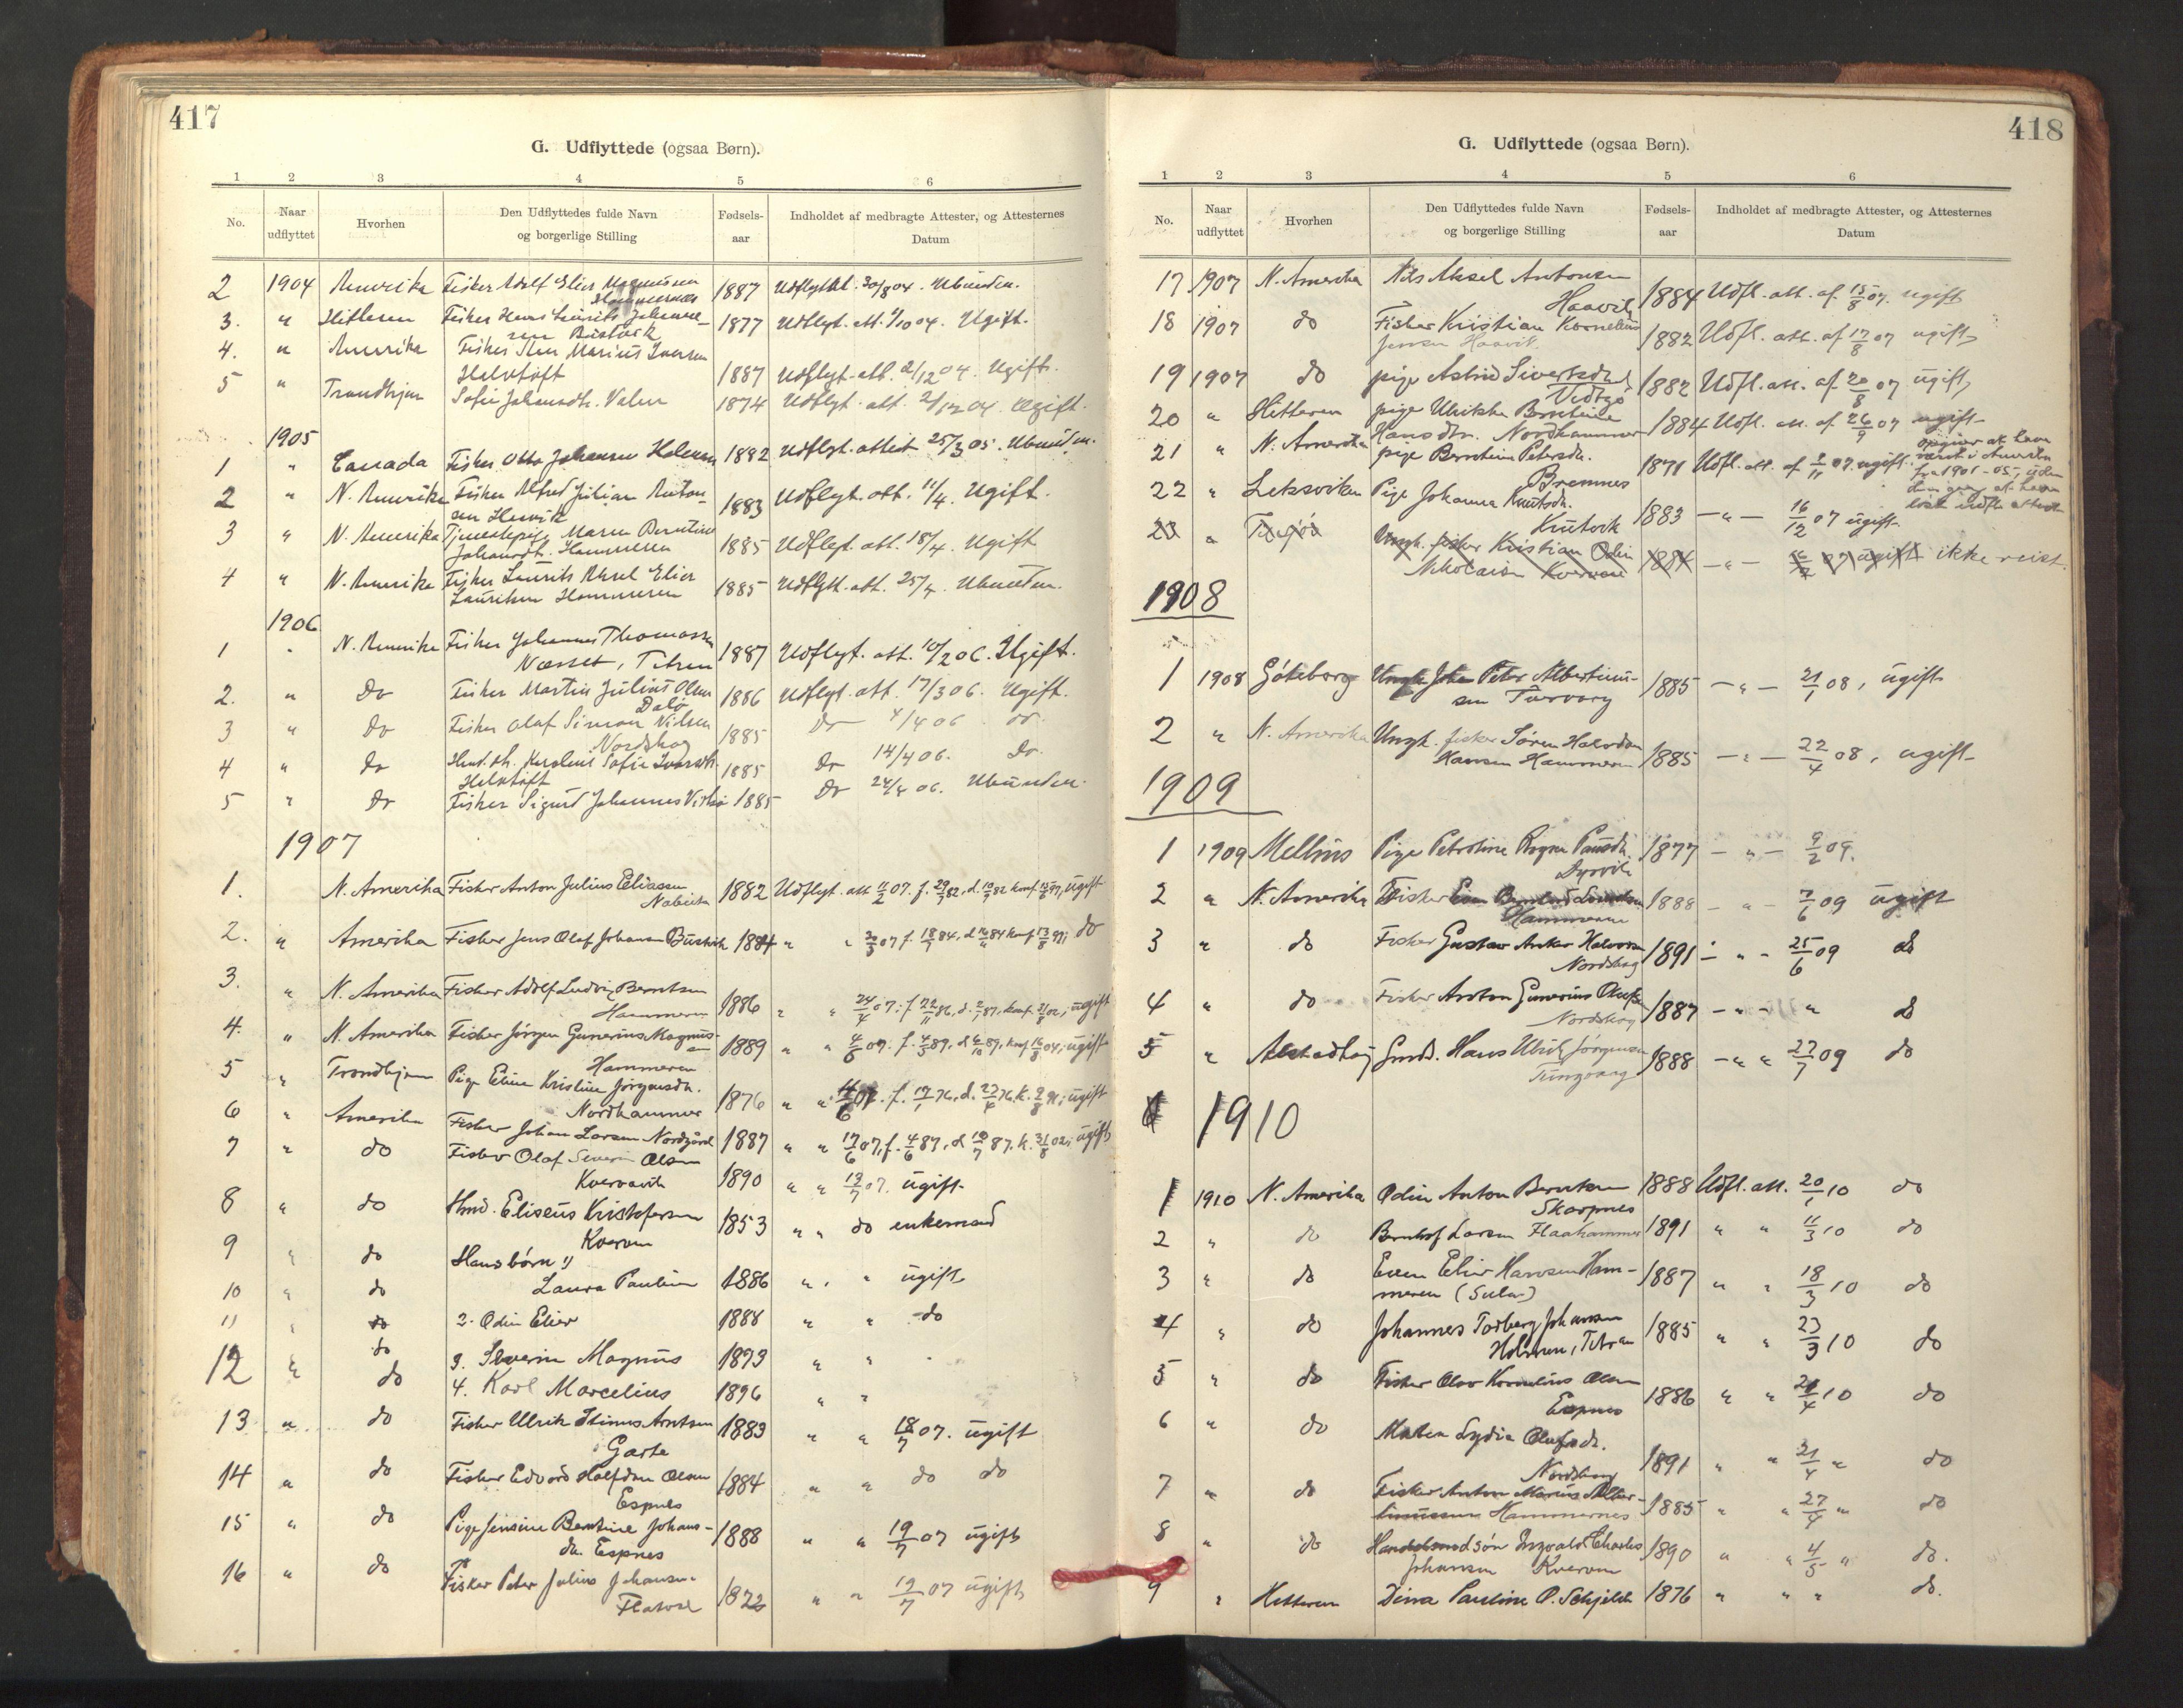 SAT, Ministerialprotokoller, klokkerbøker og fødselsregistre - Sør-Trøndelag, 641/L0596: Ministerialbok nr. 641A02, 1898-1915, s. 417-418